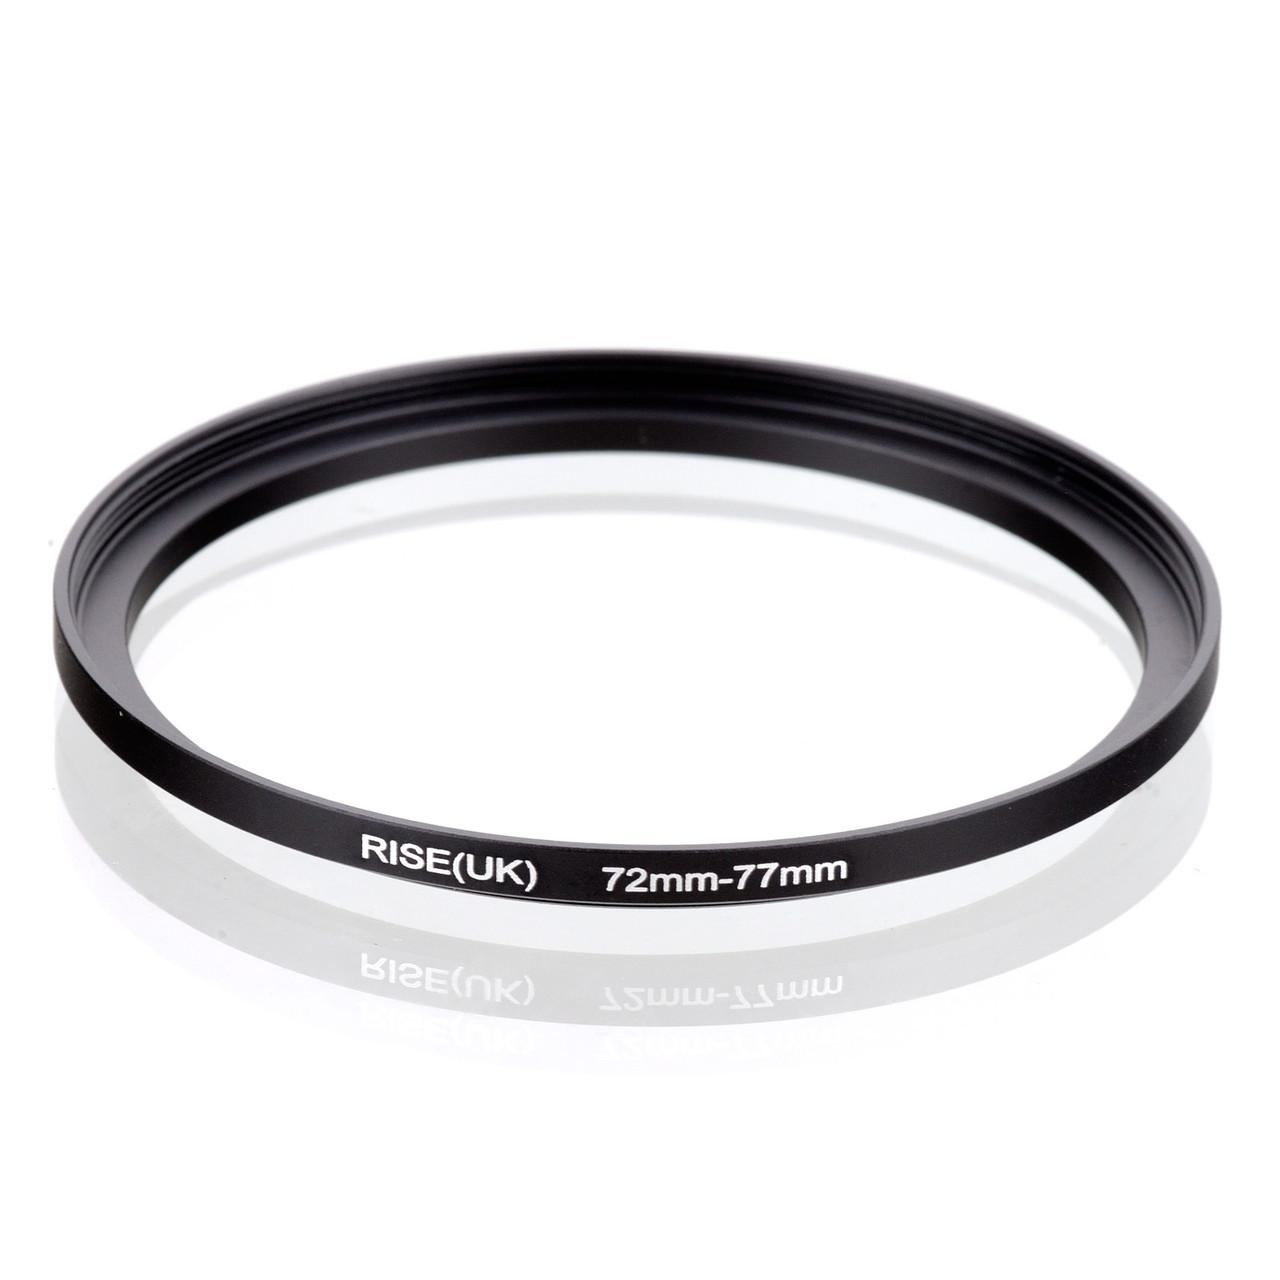 Переходное повышающее кольцо Step-Up (72-77 mm)